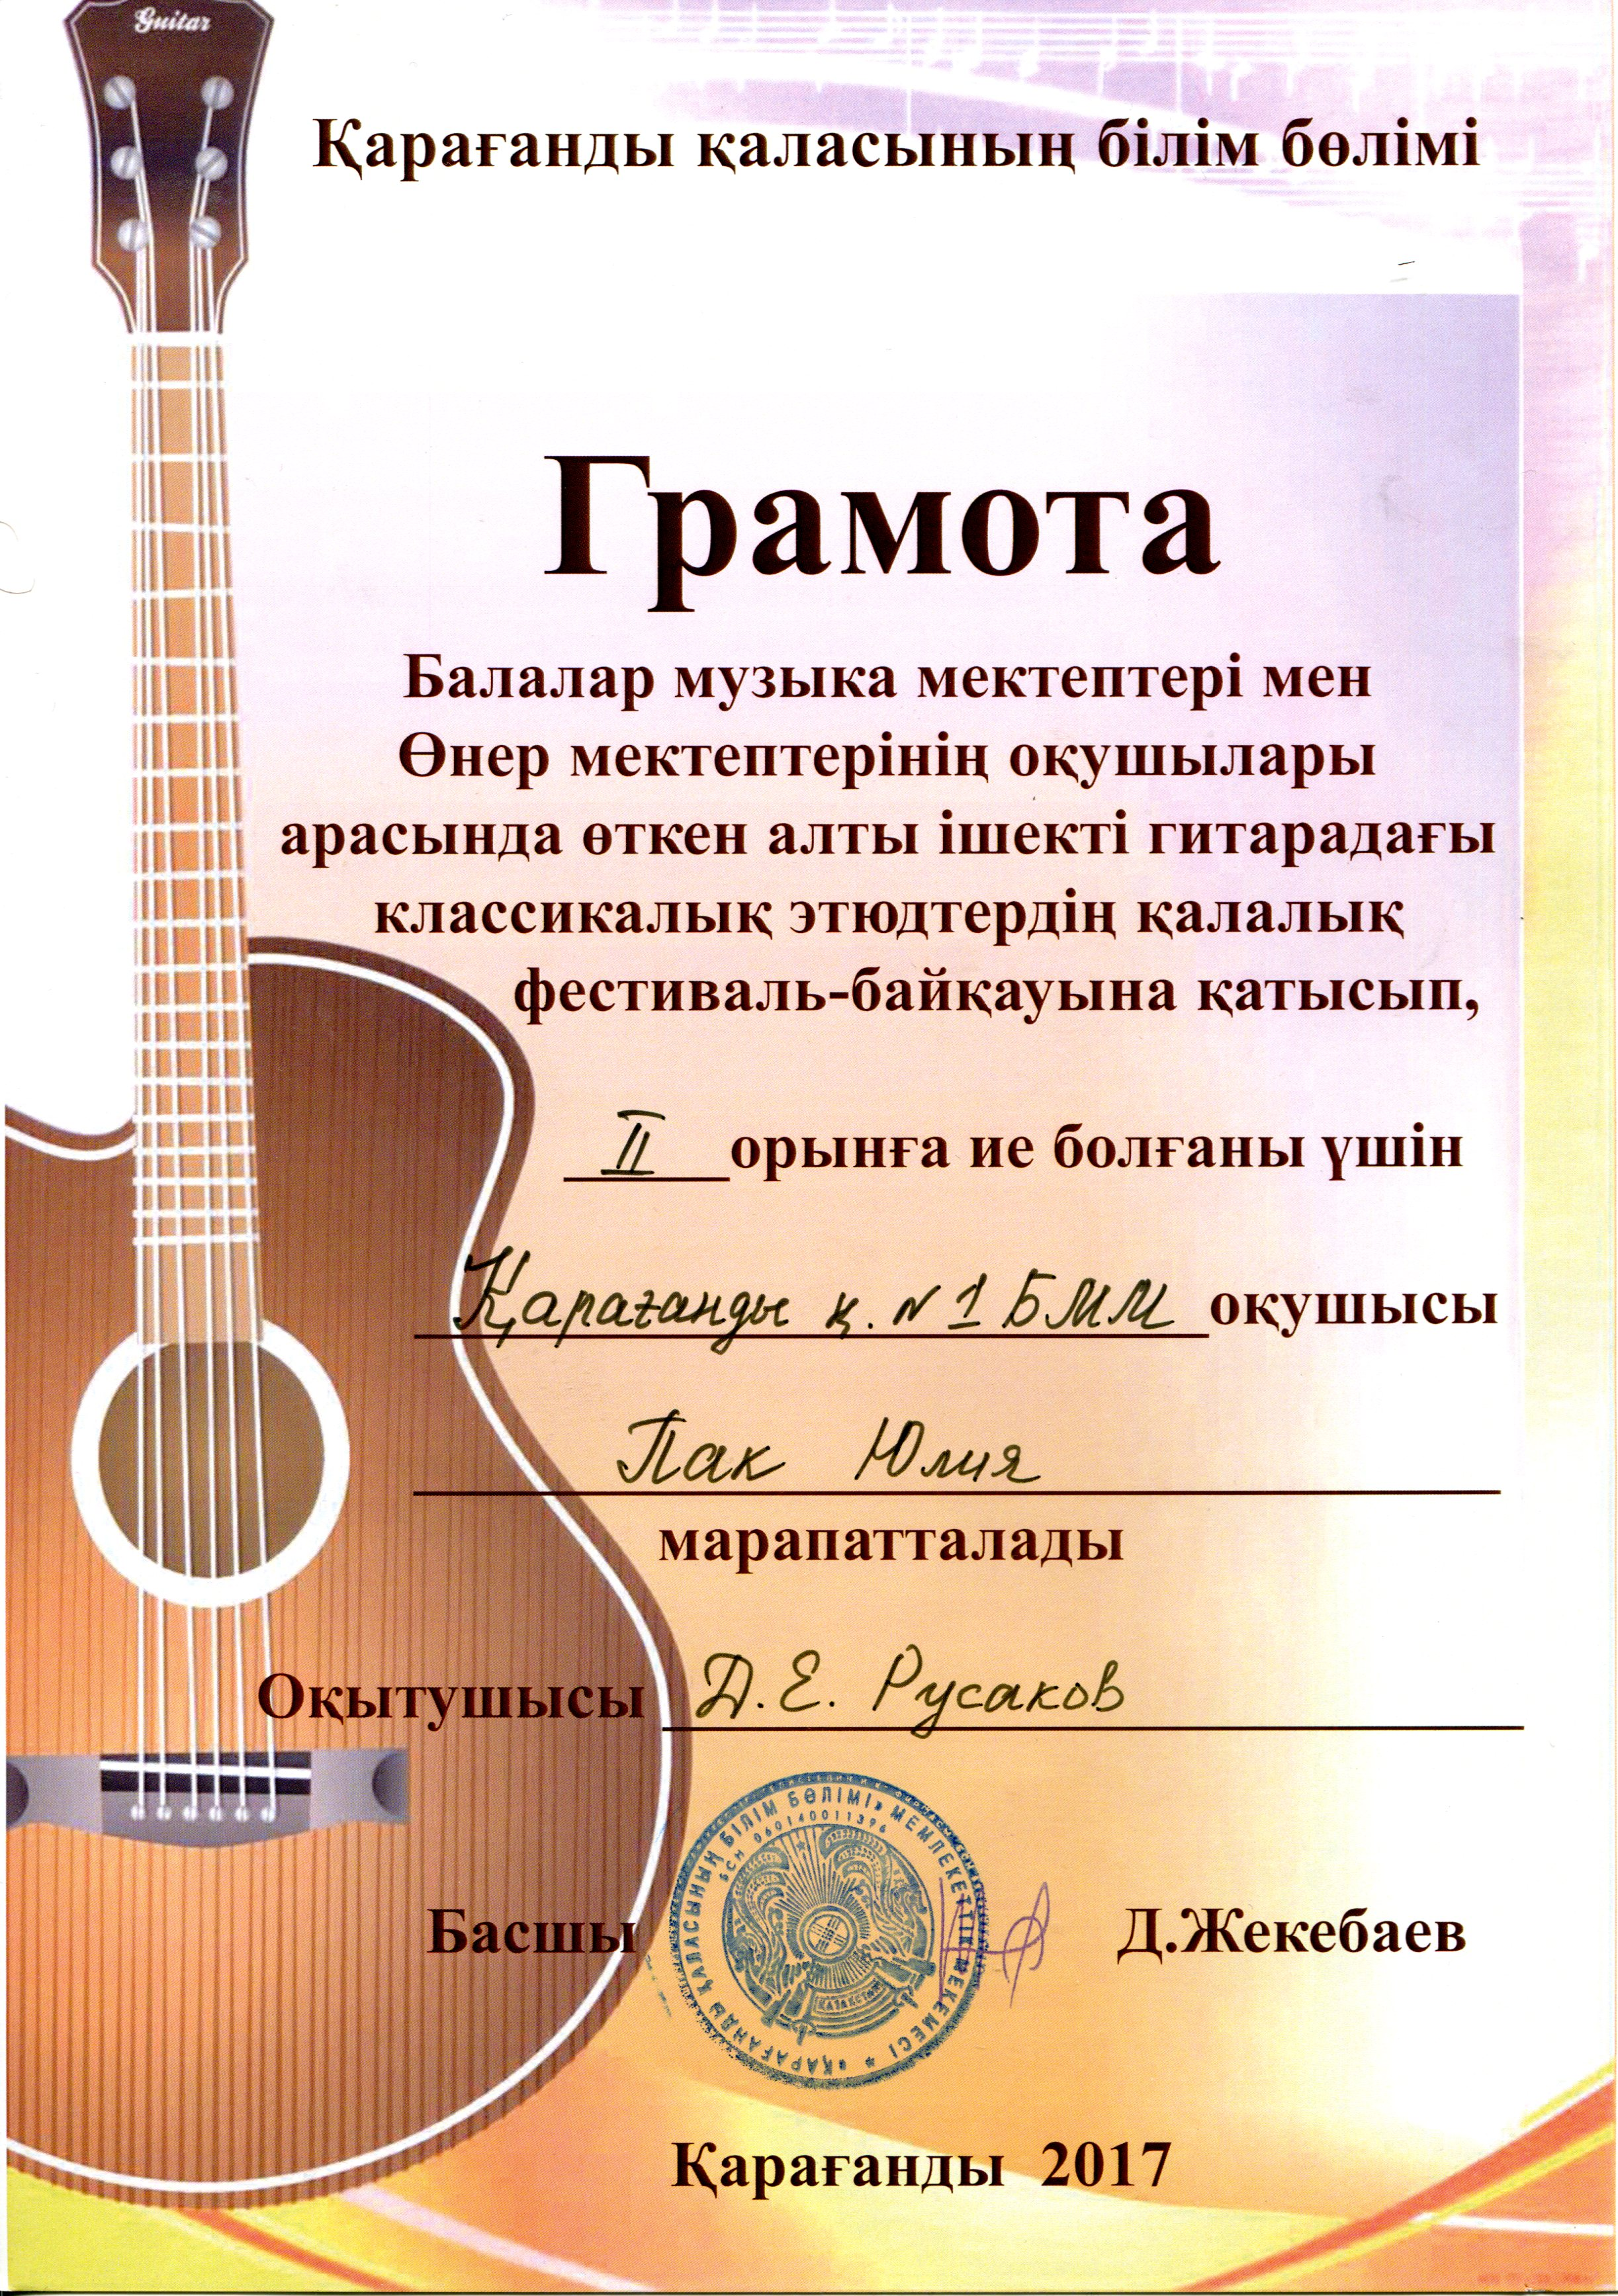 2017-04-23 конкурс этюдов (Пак грамота)